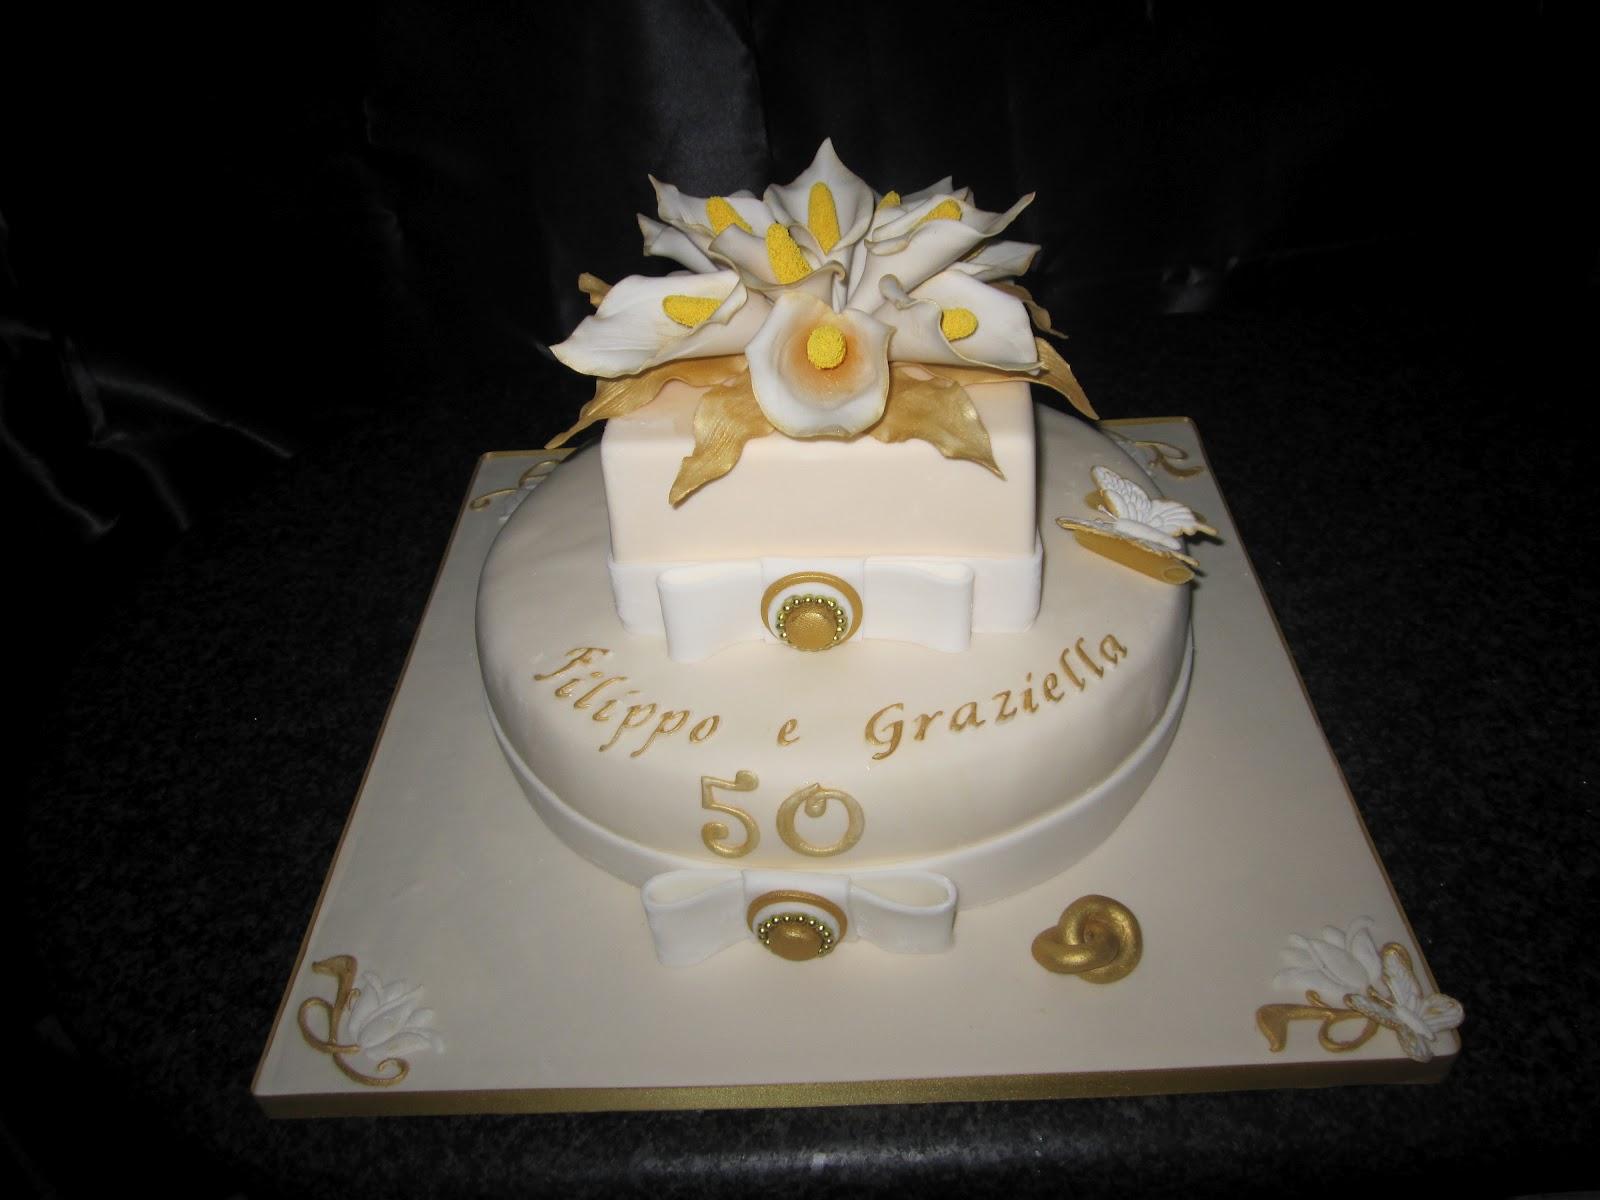 Famoso Dolce Candy : 50 Anni di matrimonio Nozze D'oro CR28